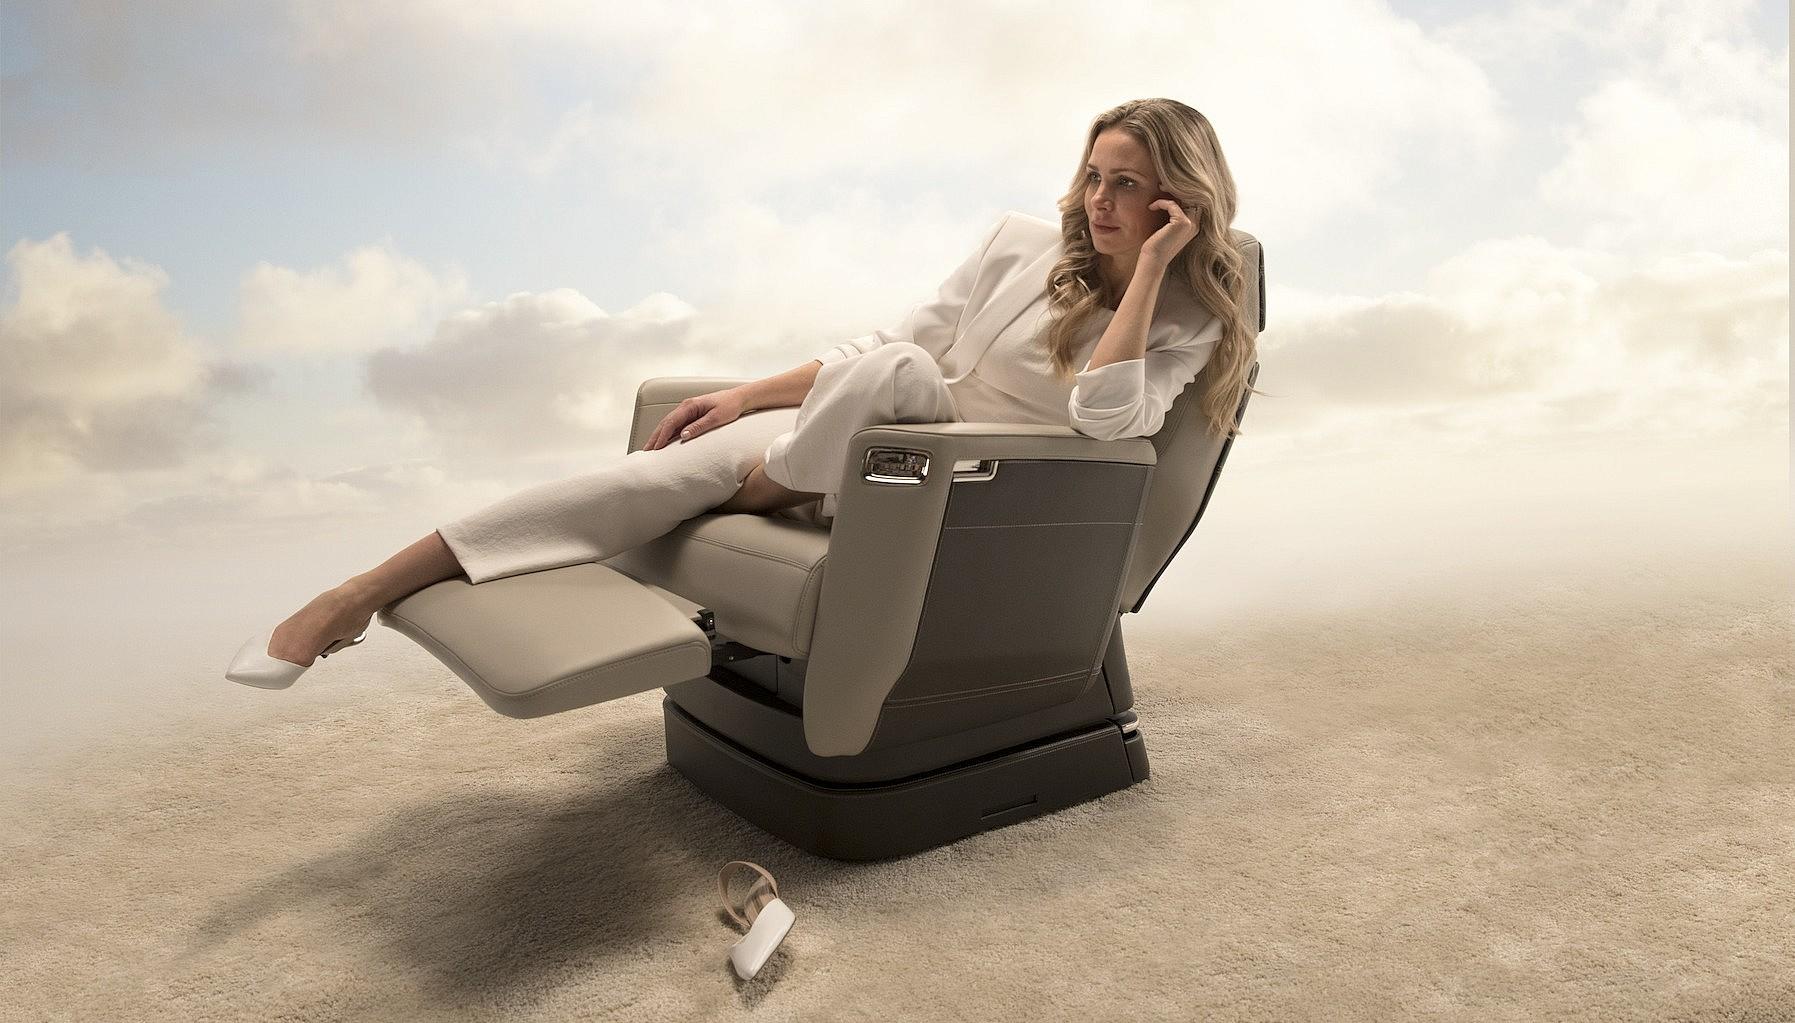 Bombardier Global 7000